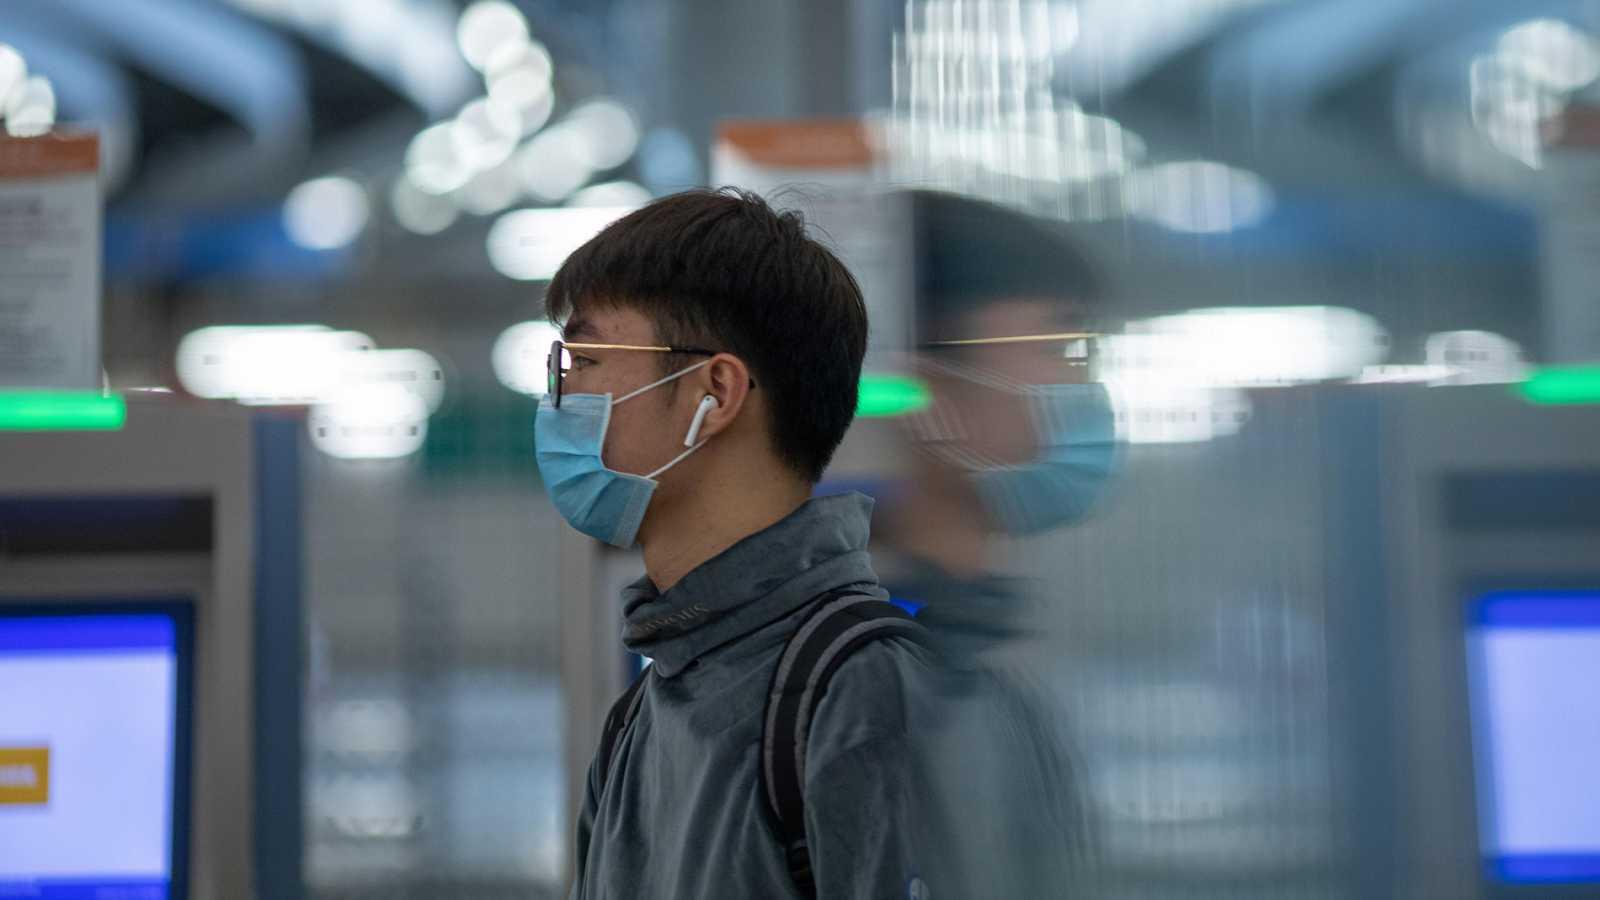 Coronavirus: muertes ascienden a 82 tras confirmarse una más en Beijing